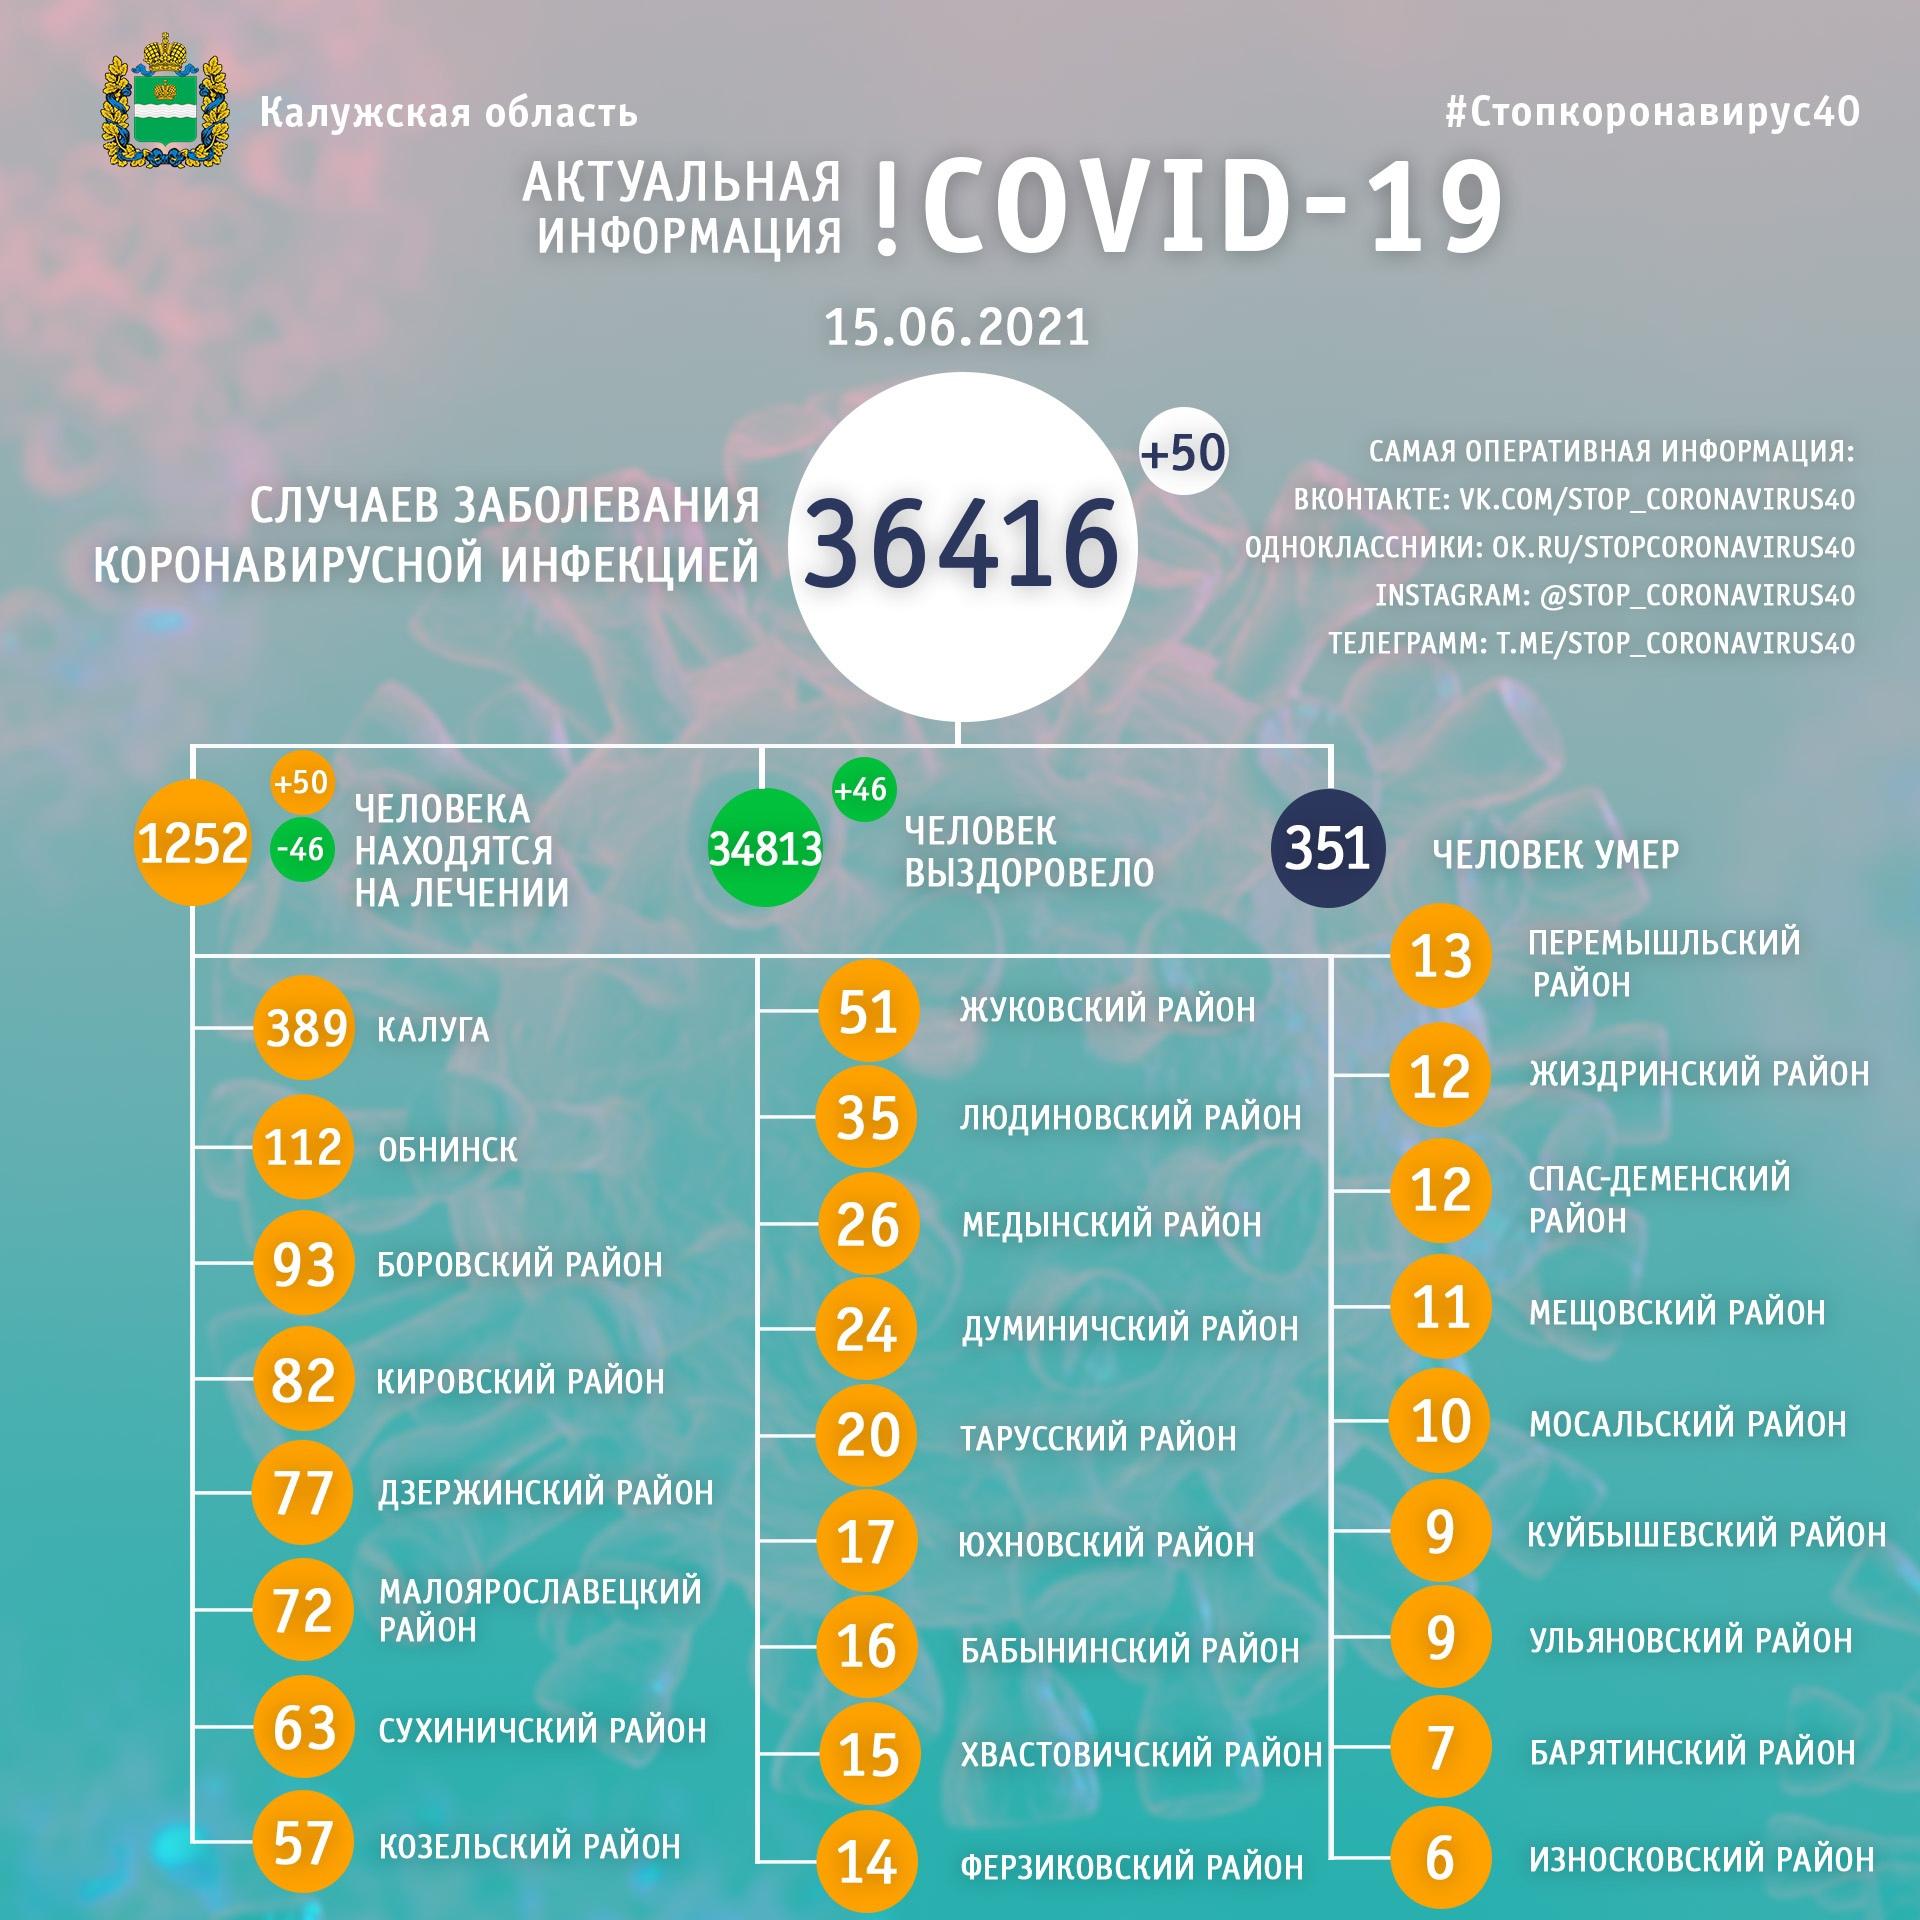 Официальная статистика по коронавирусу в Калужской области на 15 июня 2021 года.